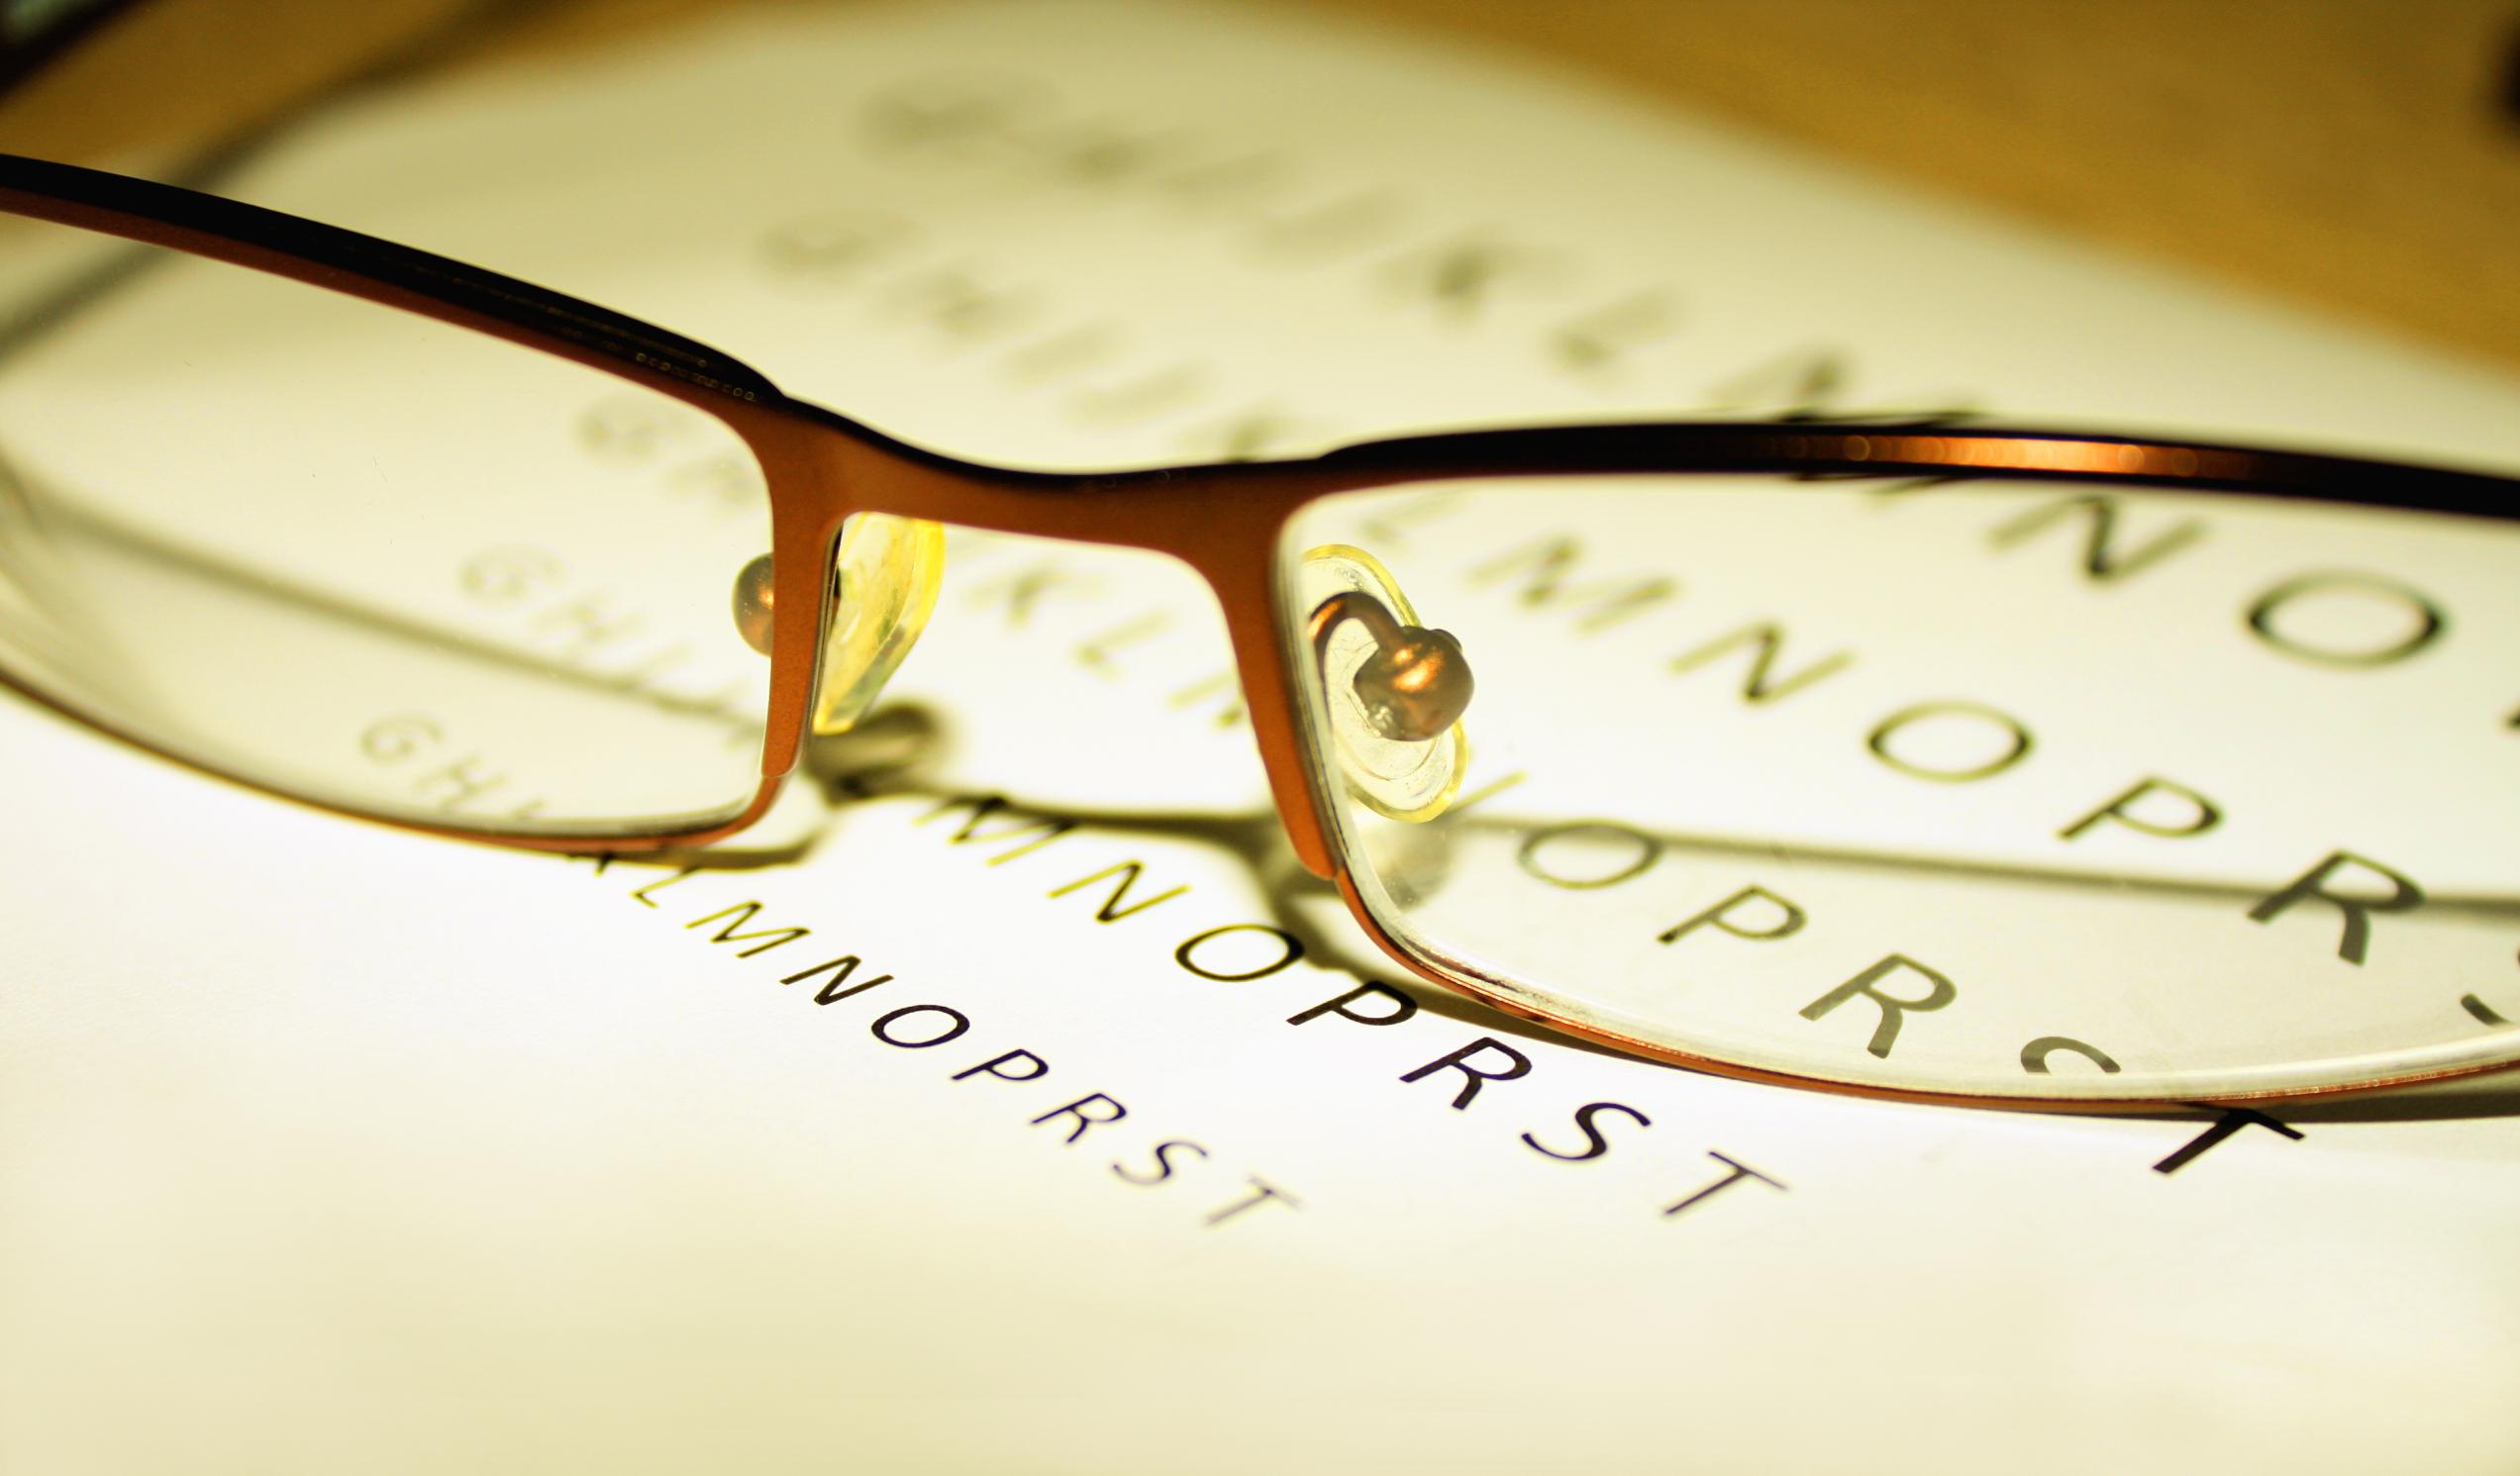 în măsura în care vederea poate vedea